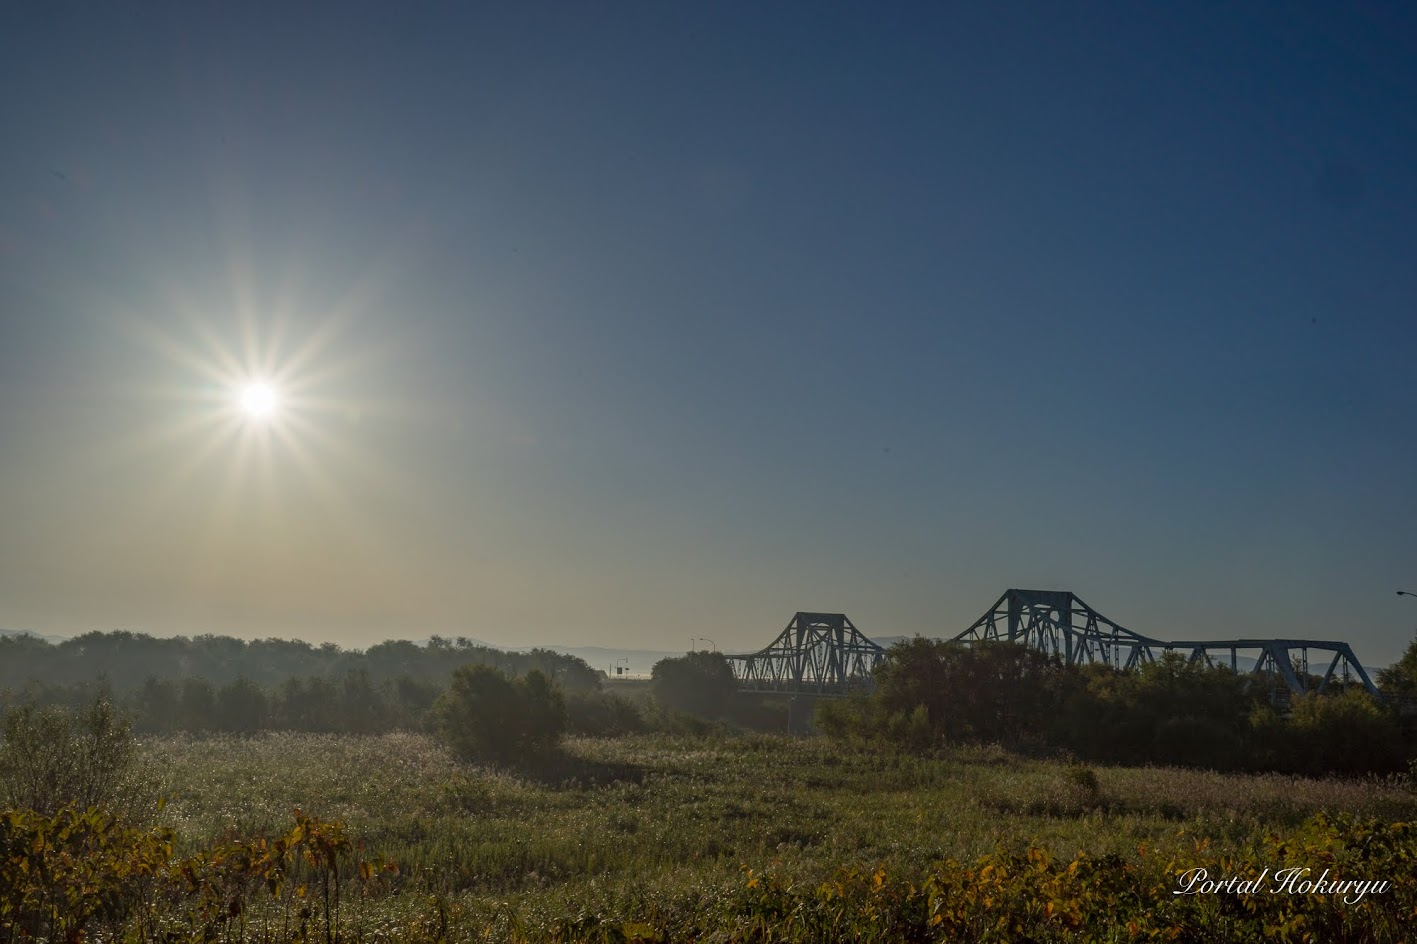 筑紫橋に昇る朝日